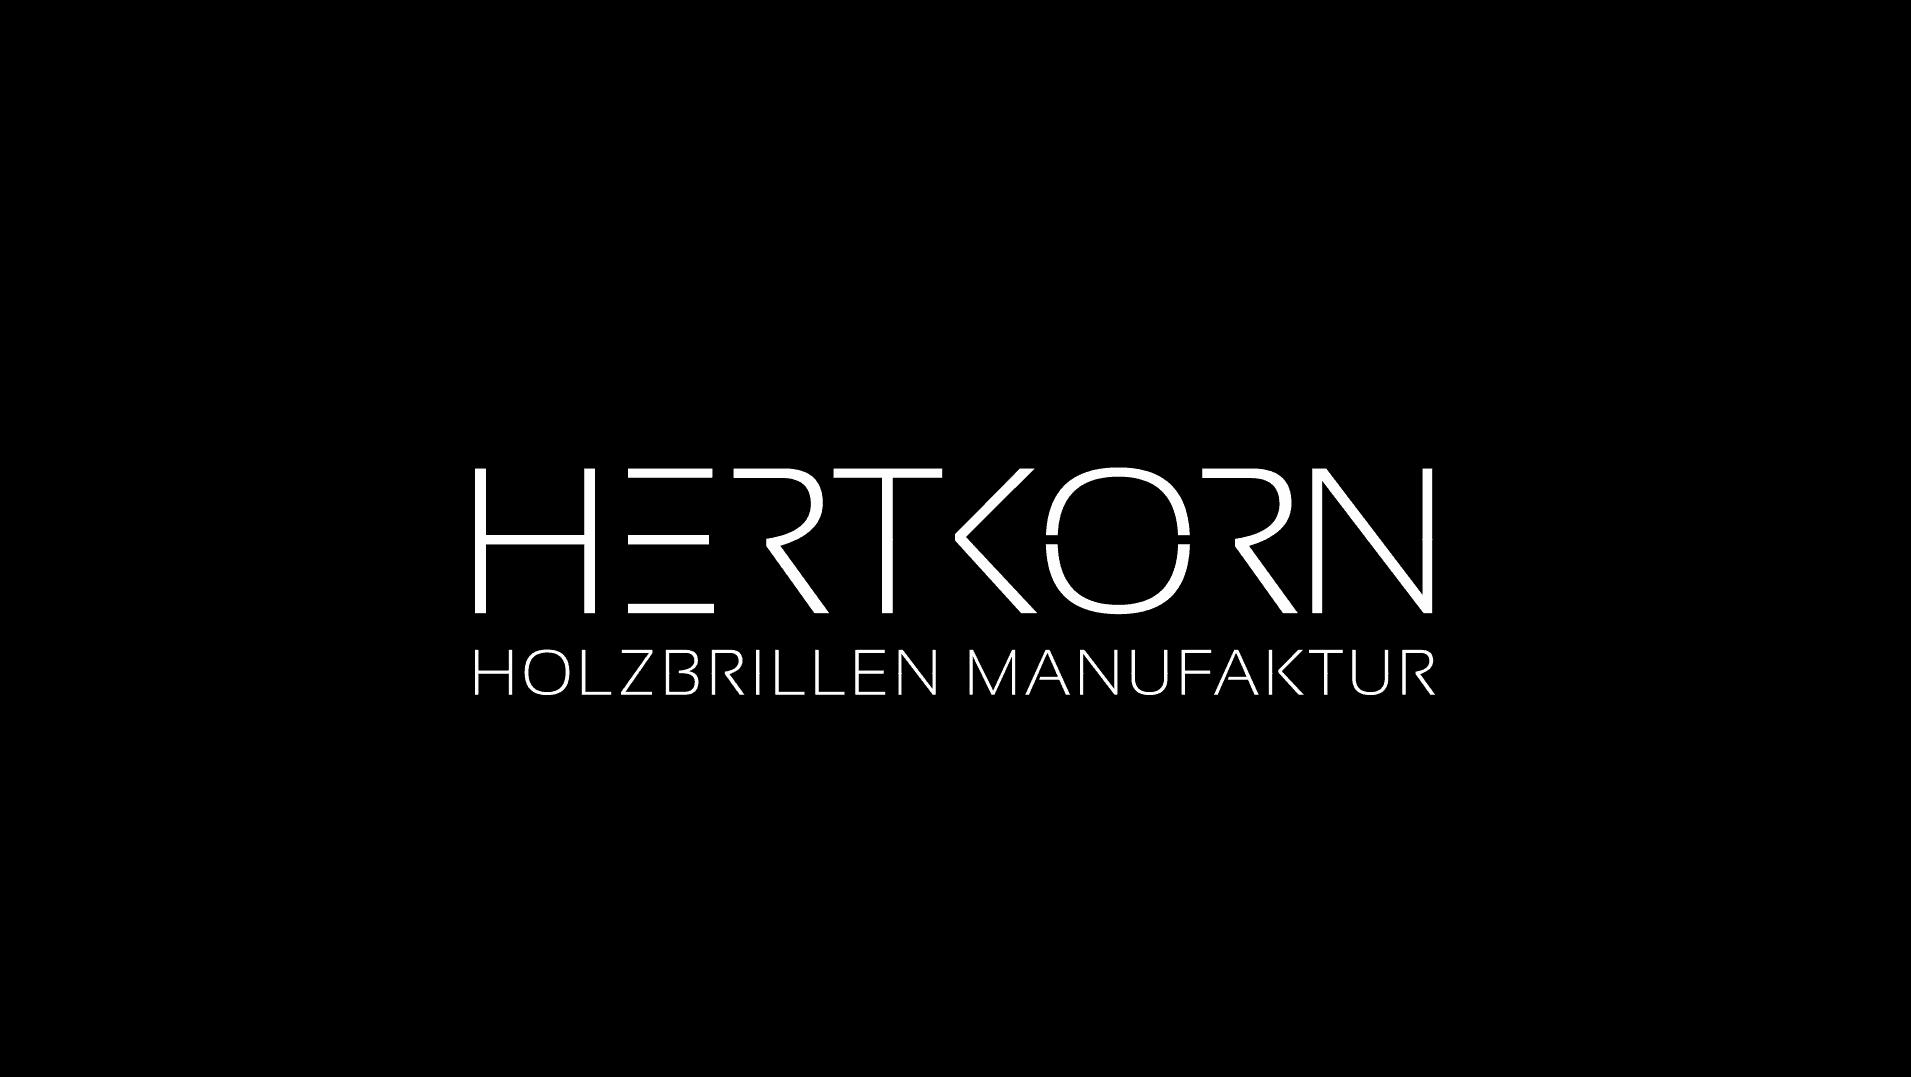 Hertkorn Holzbrillen Manufaktur